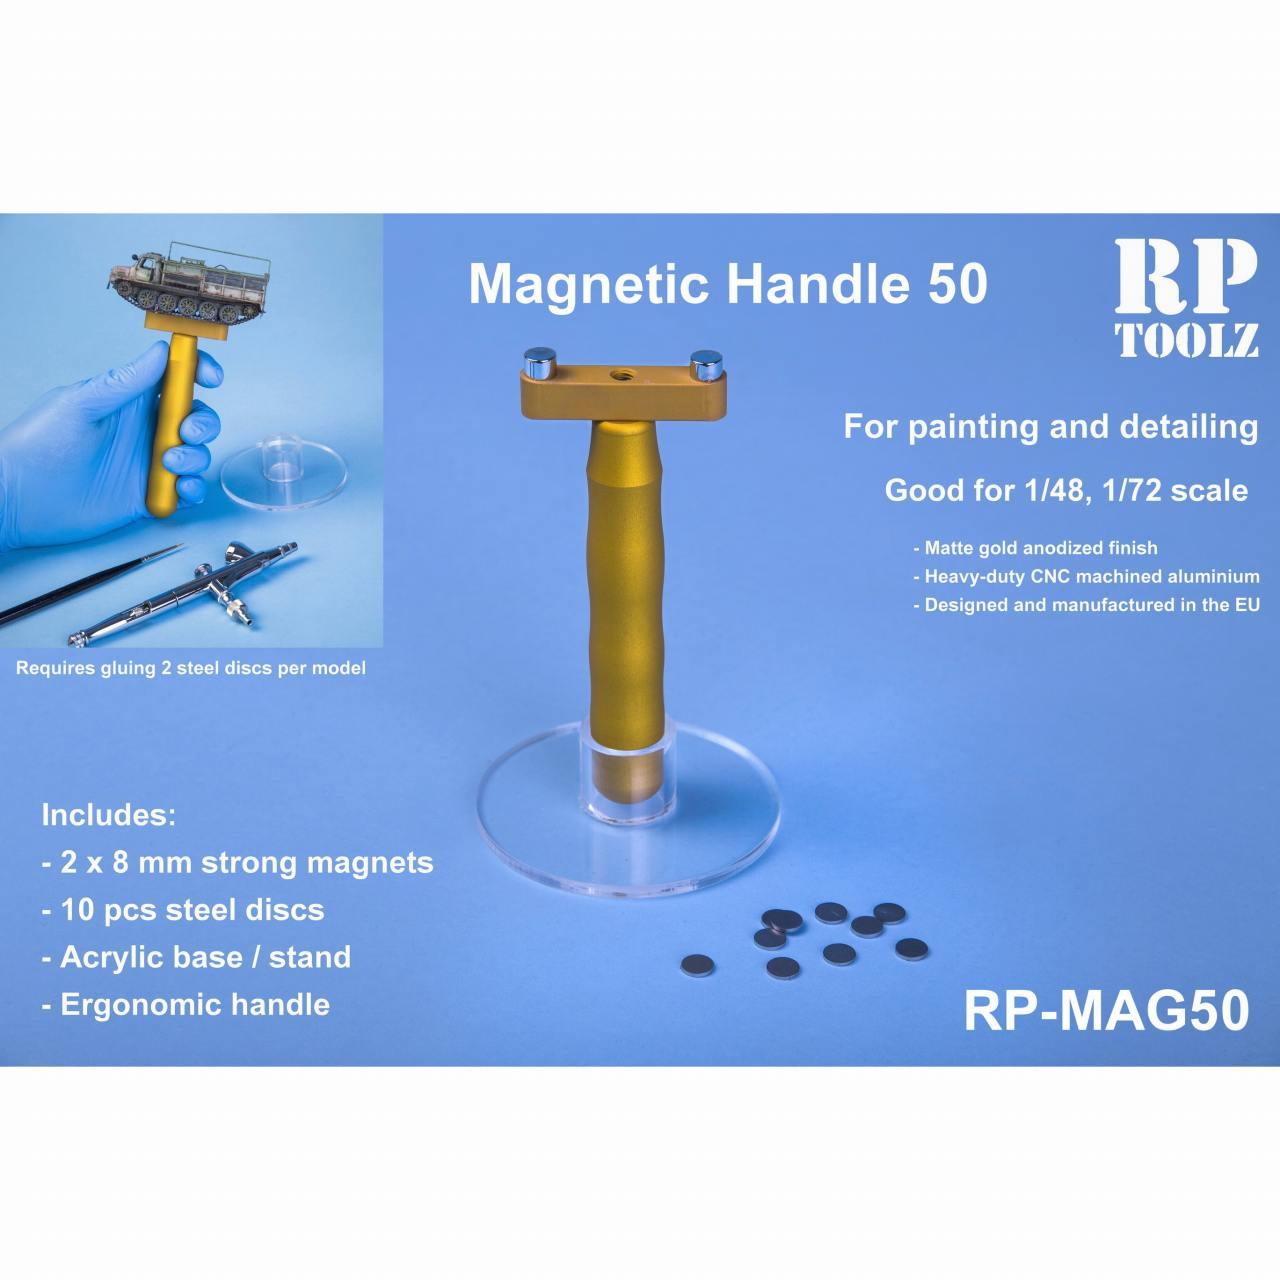 【新製品】RP-MAG50 マグネティックハンドル50